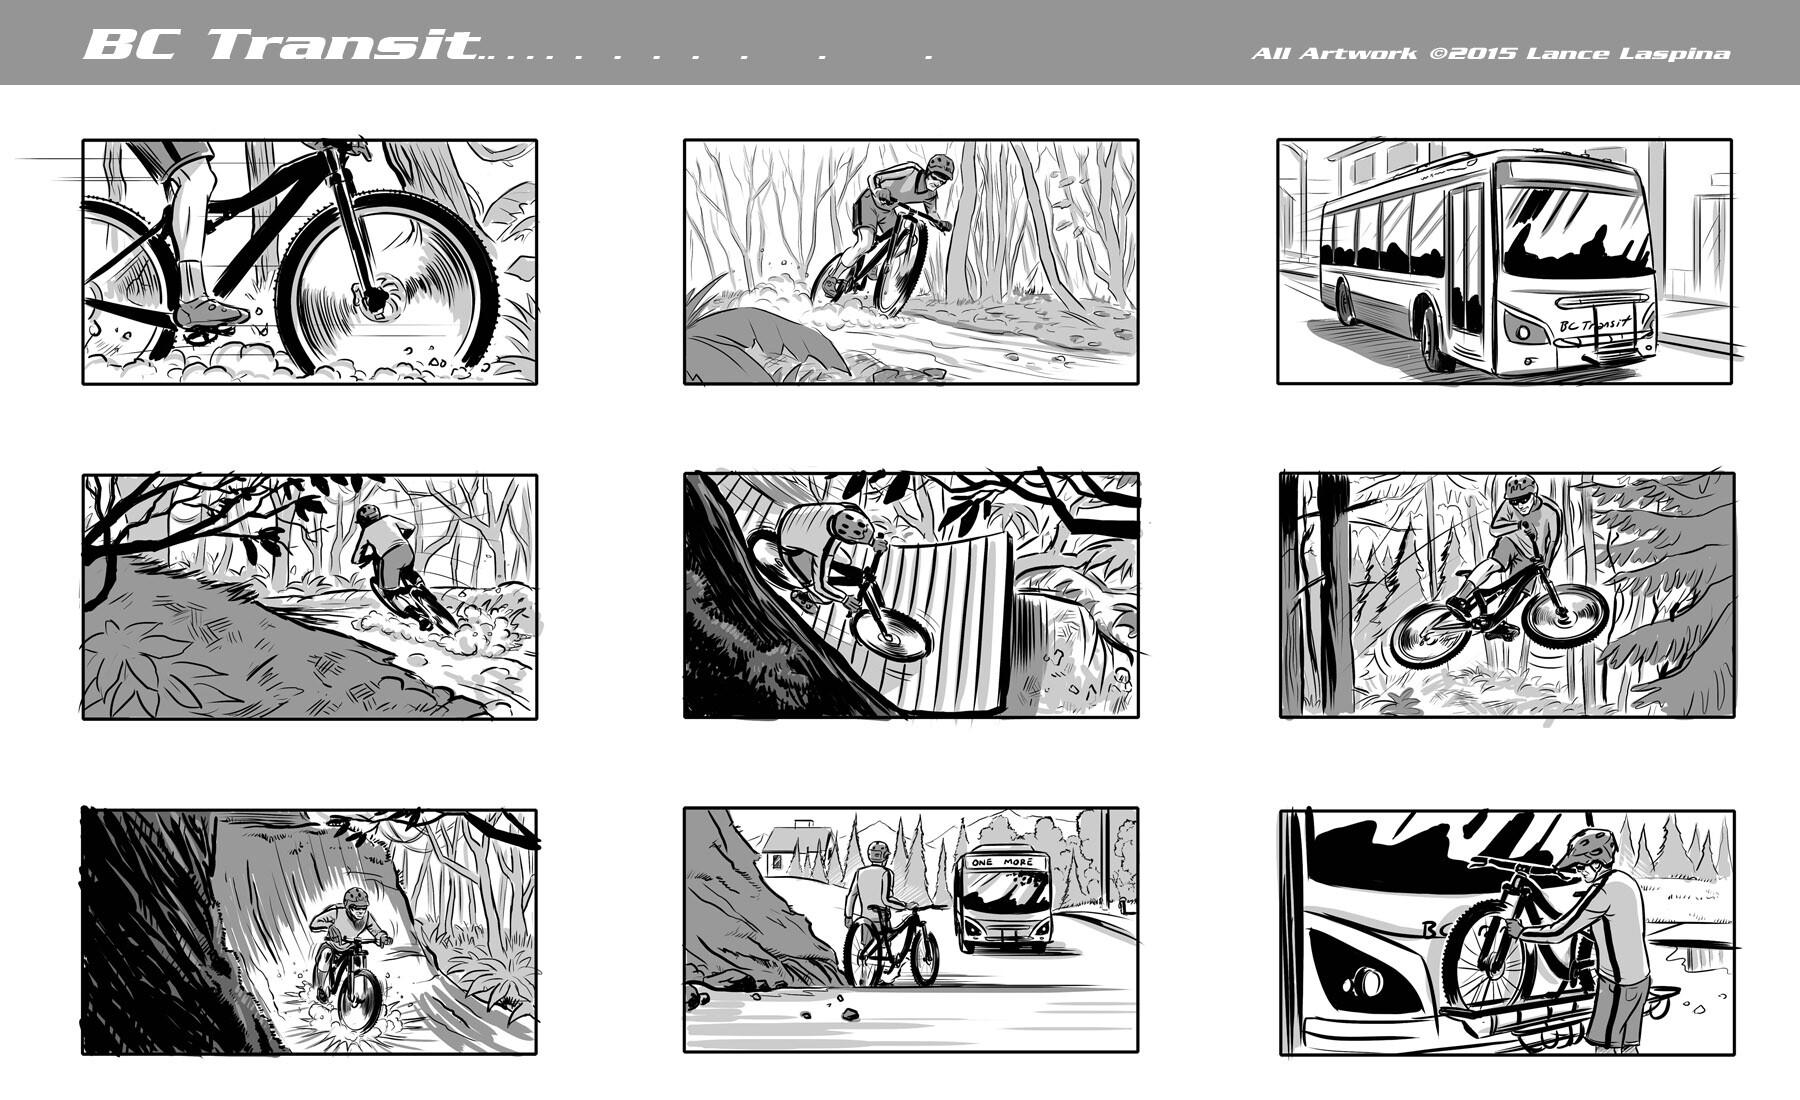 Lance laspina as storyboardsamples 13